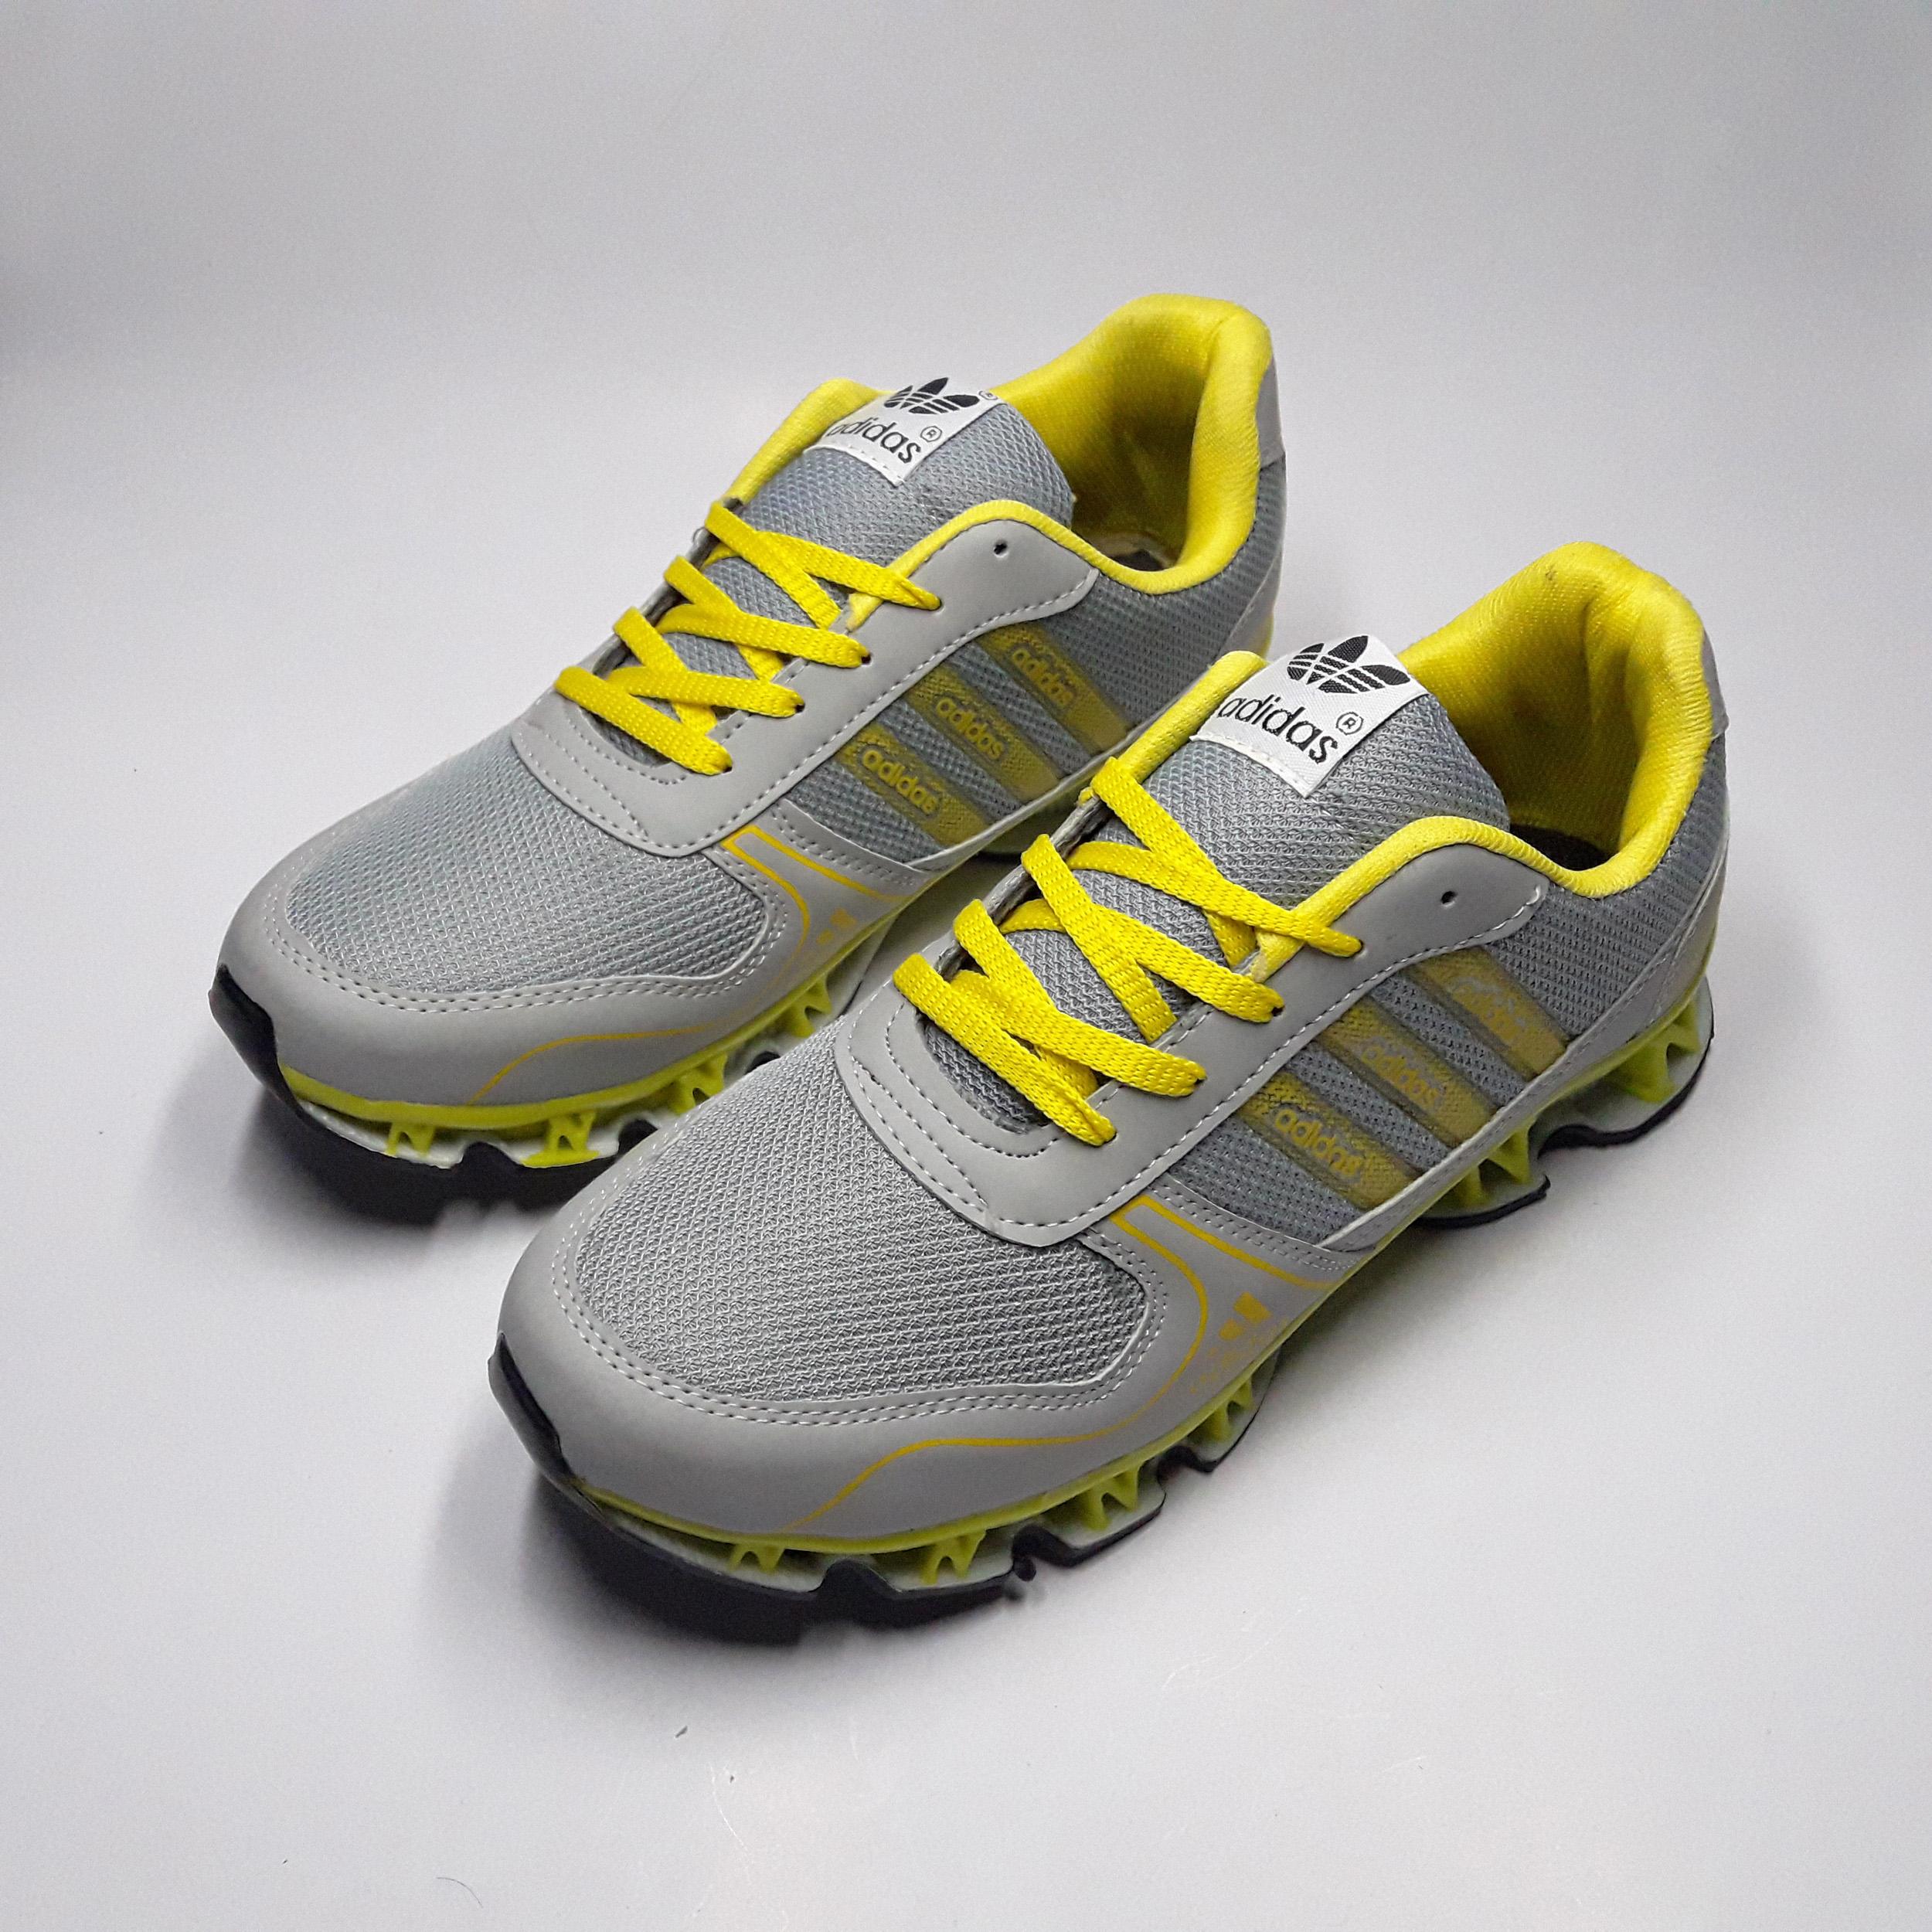 قیمت خرید کفش مخصوص پیاده روی مردانه مدل AD-454 اورجینال